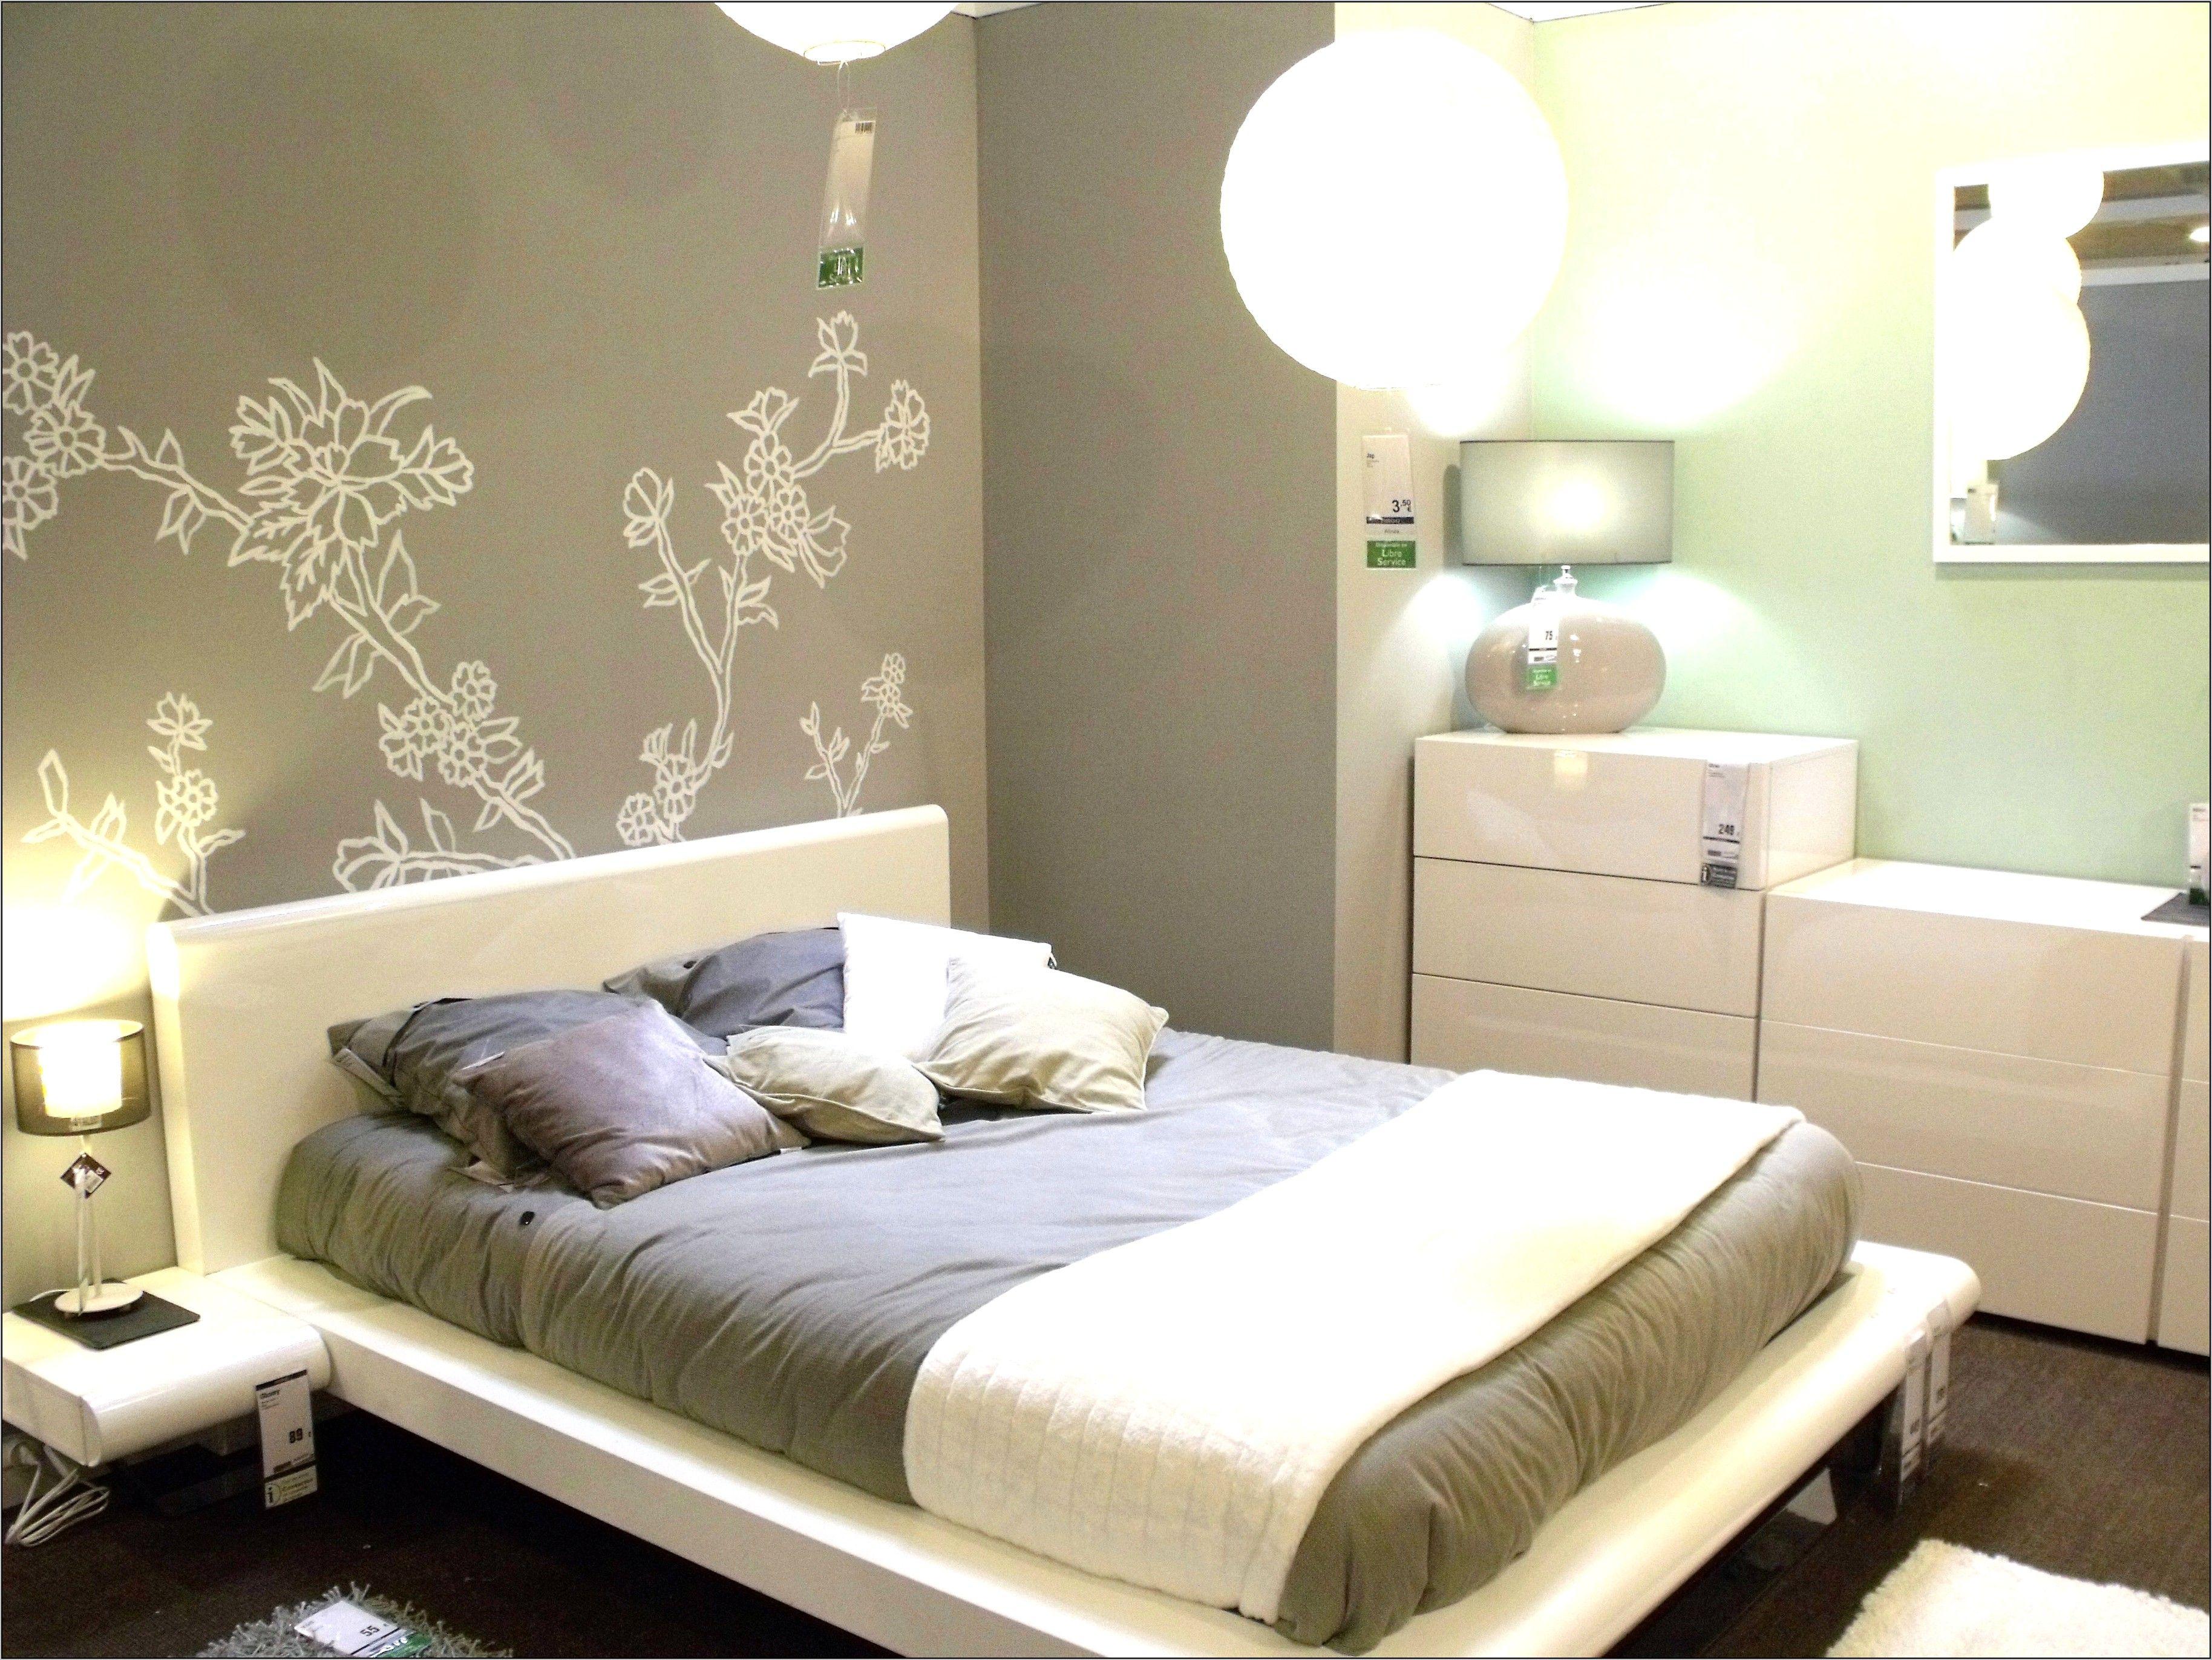 Décoration Chambre À Coucher Adulte Zen Épinglé sur chambres